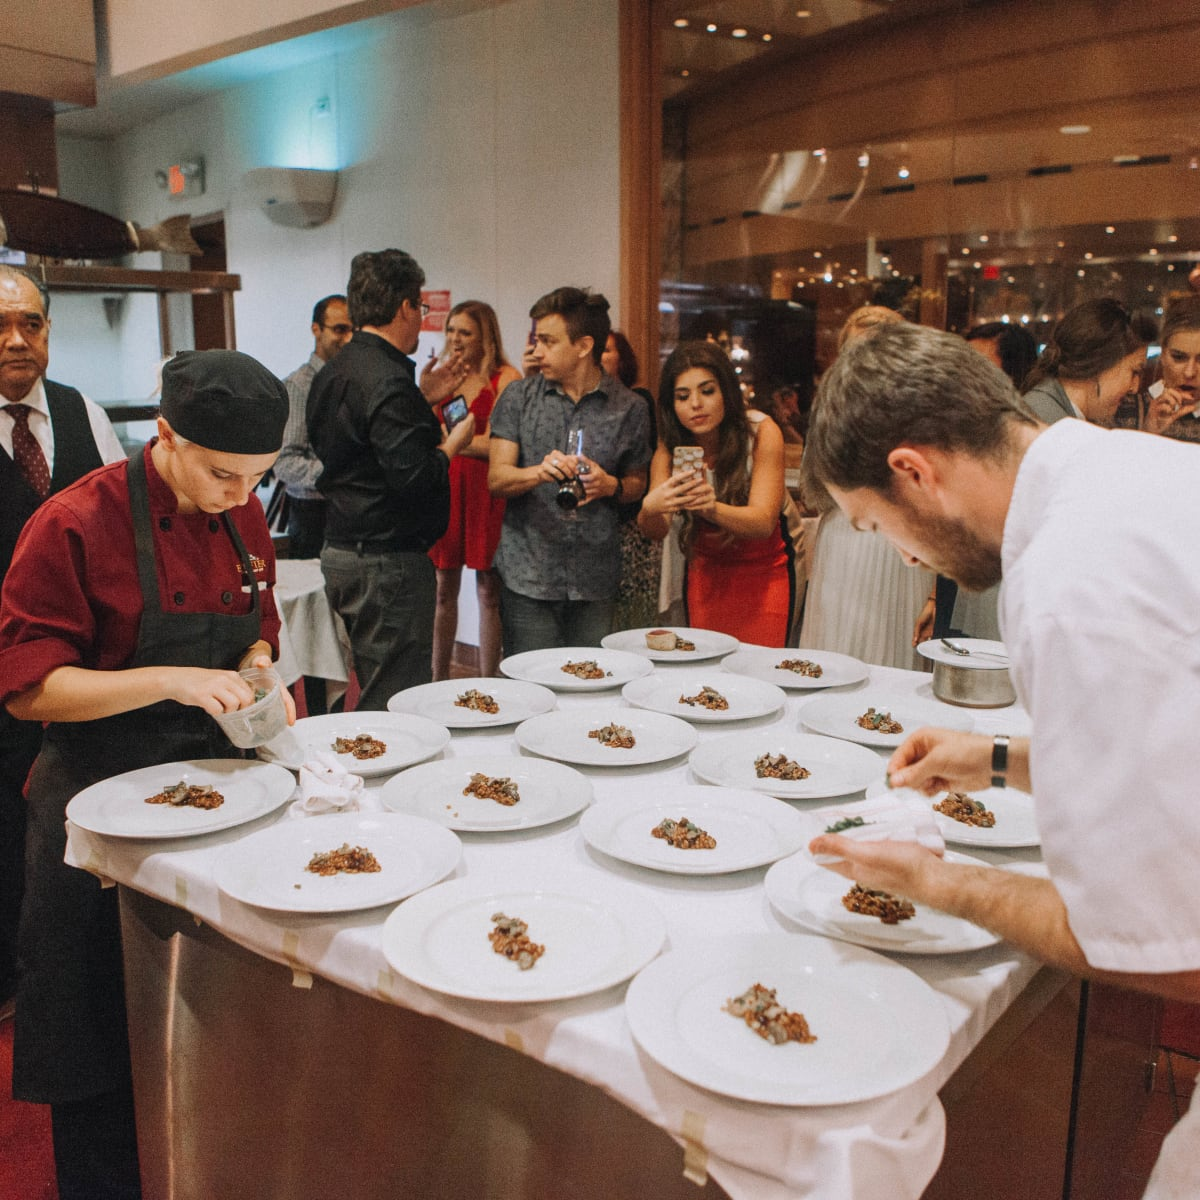 Chef Austin Waiter